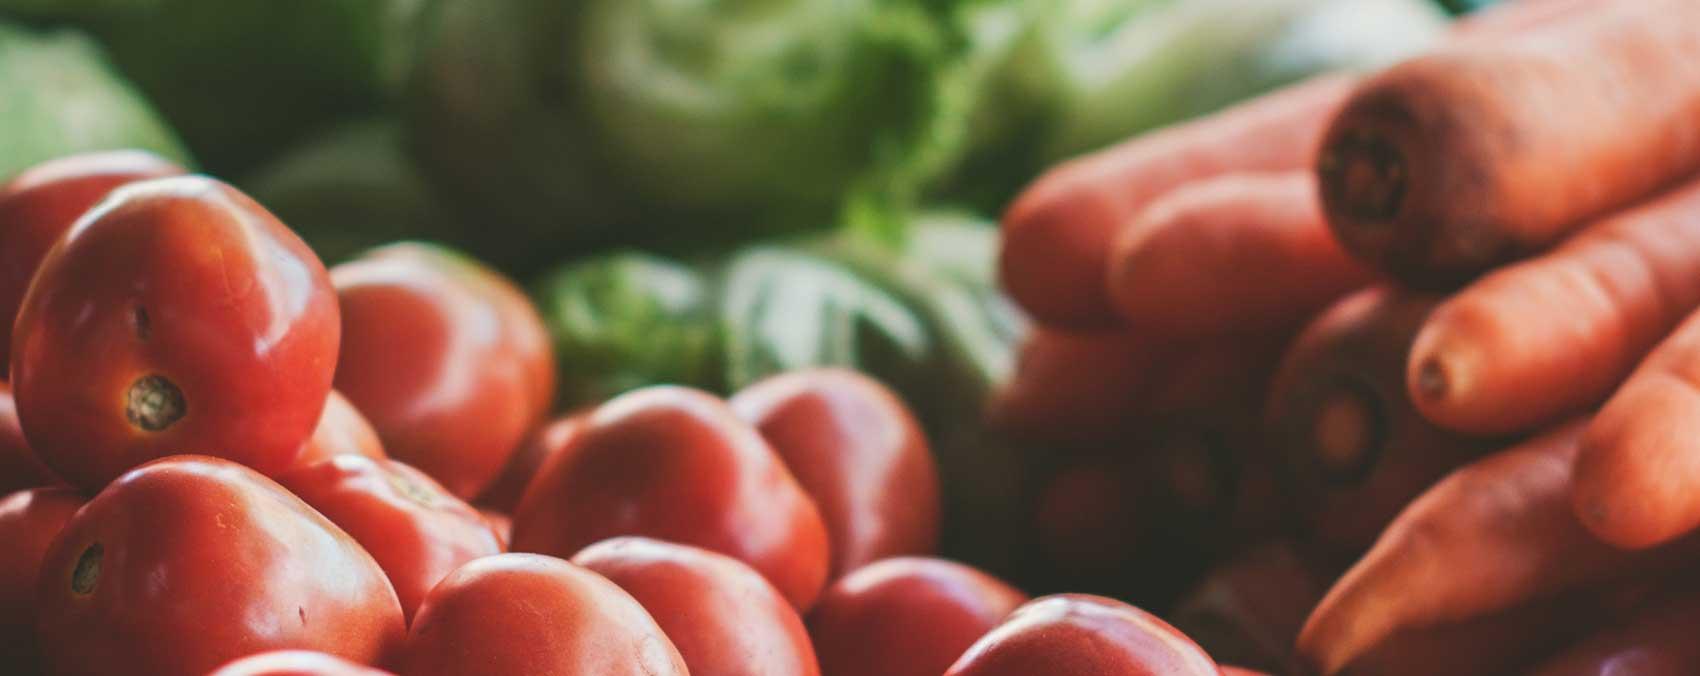 Dieta per malattie autoimmuni